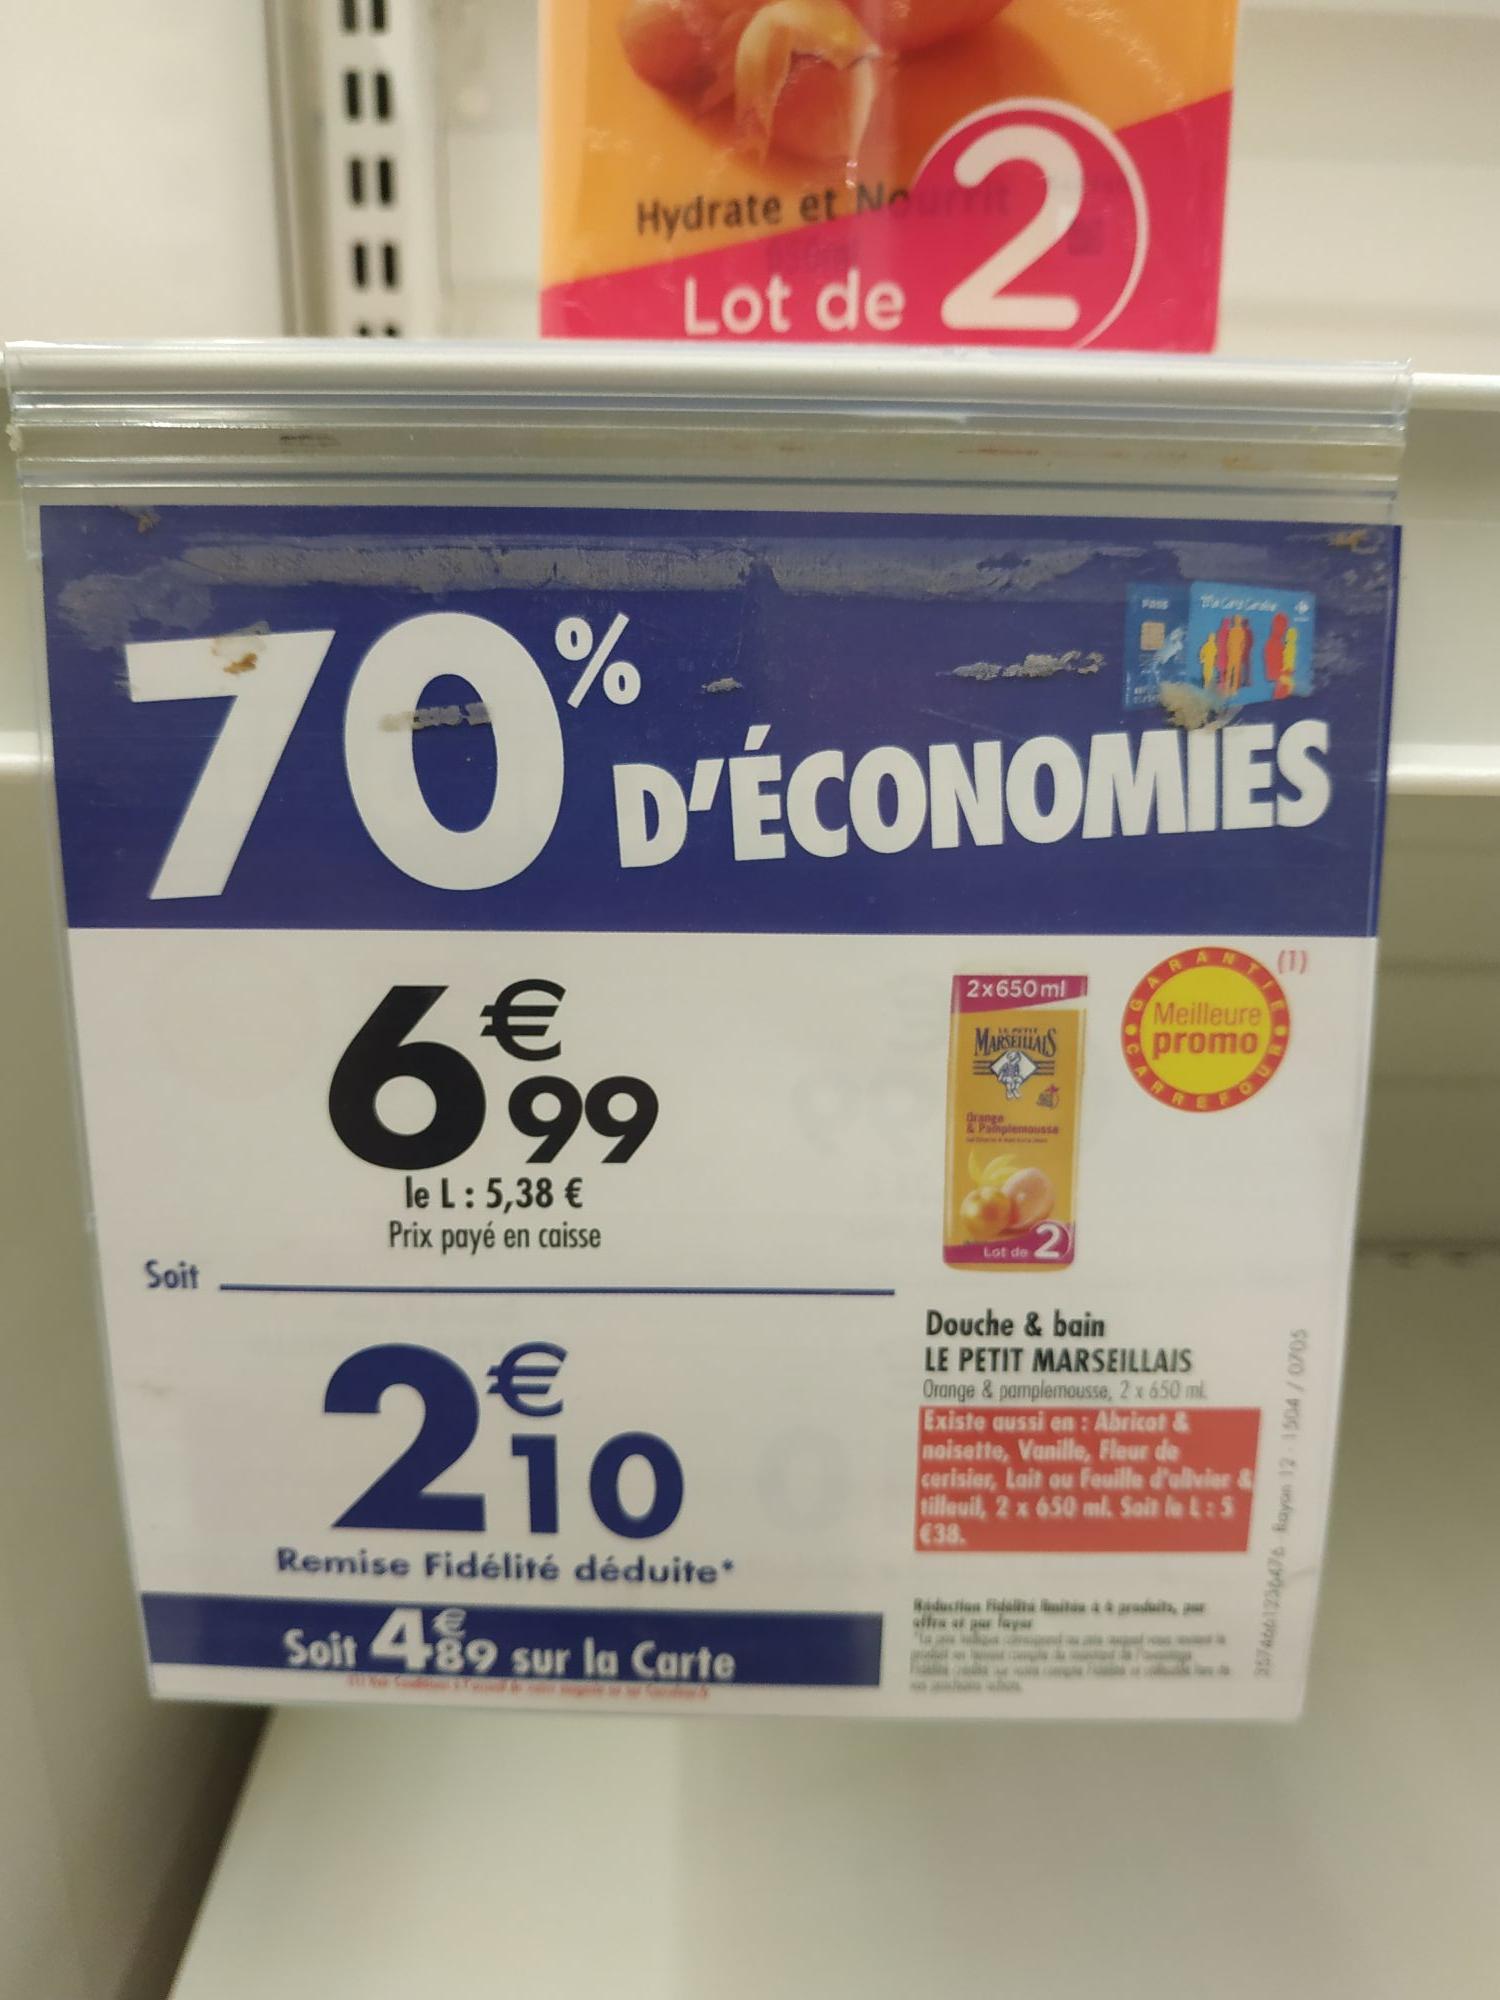 Lot de 2 Gels douche Petit Marseillais - 2 x 650 ml (via 4.89€ sur le carte fidélité) - Monterau (77)